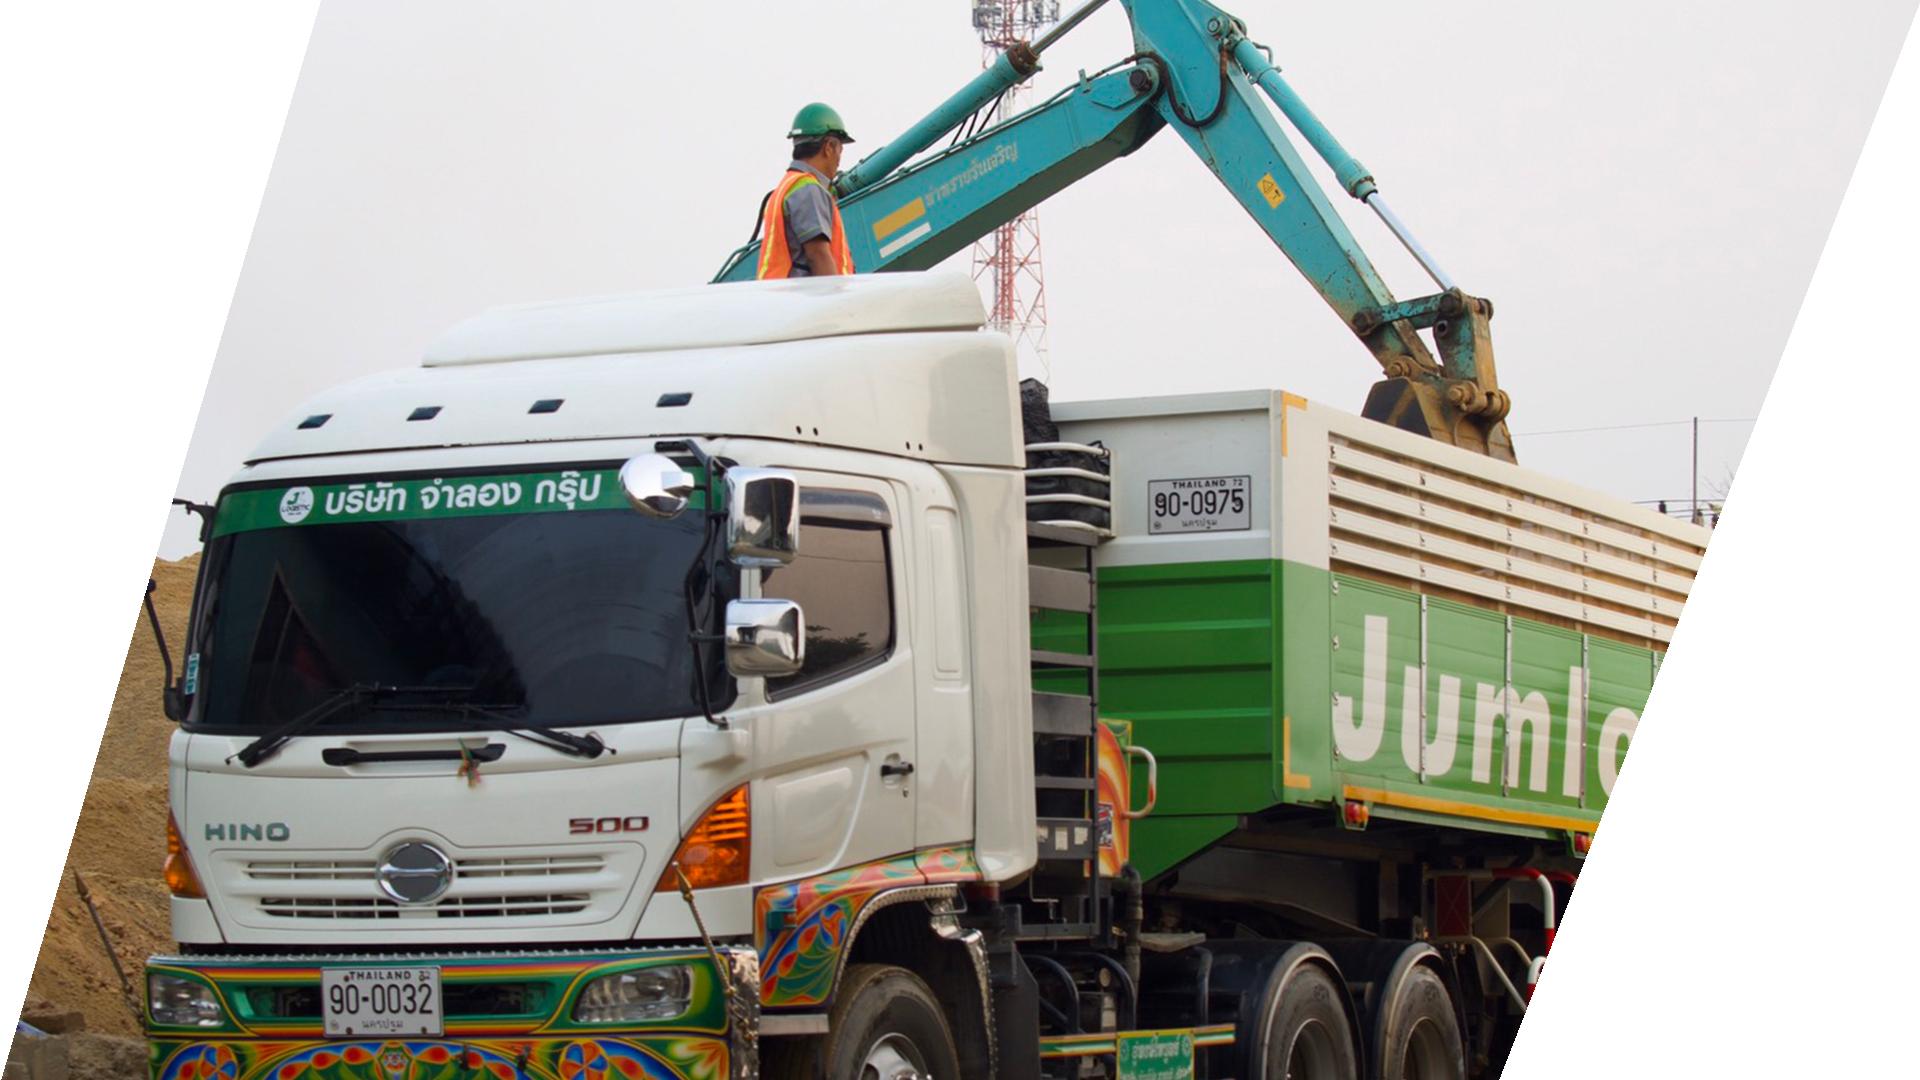 จำลองกรุ๊ป-จำหน่าย หิน ทราย วัตถุดิบก่อสร้าง-Jumlong Group